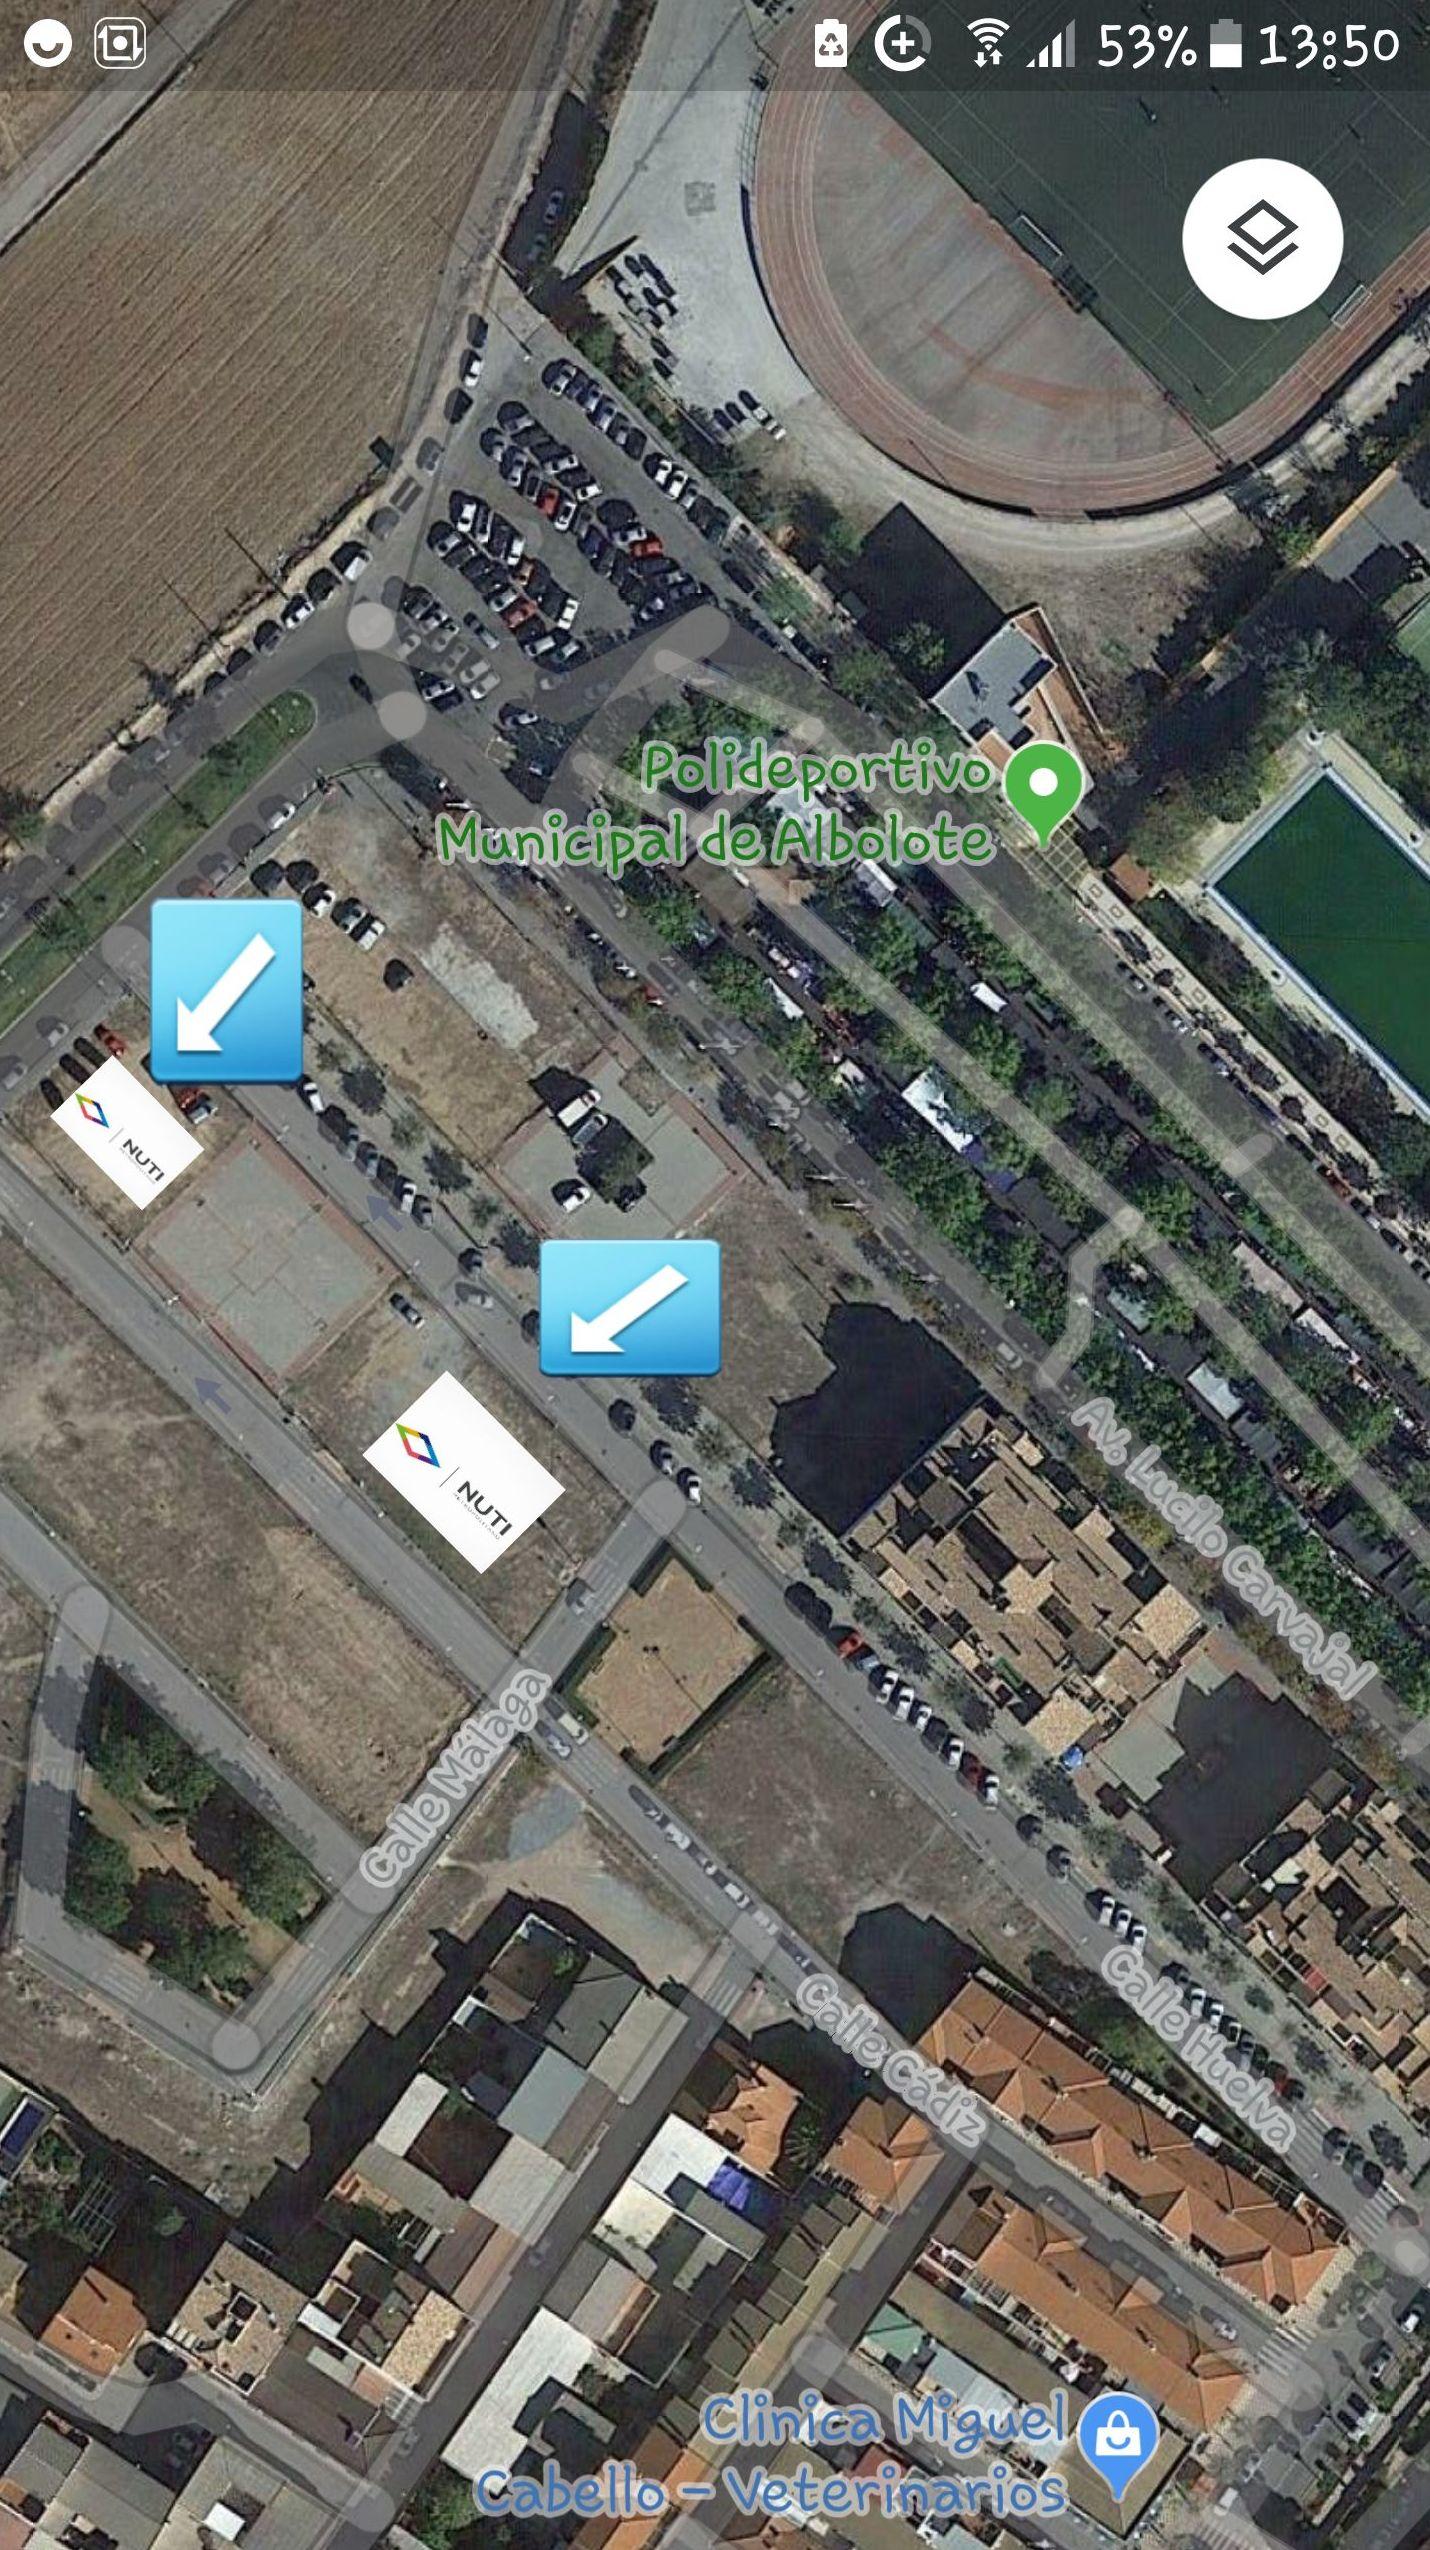 Situación de nuestras parcelas en Google Maps